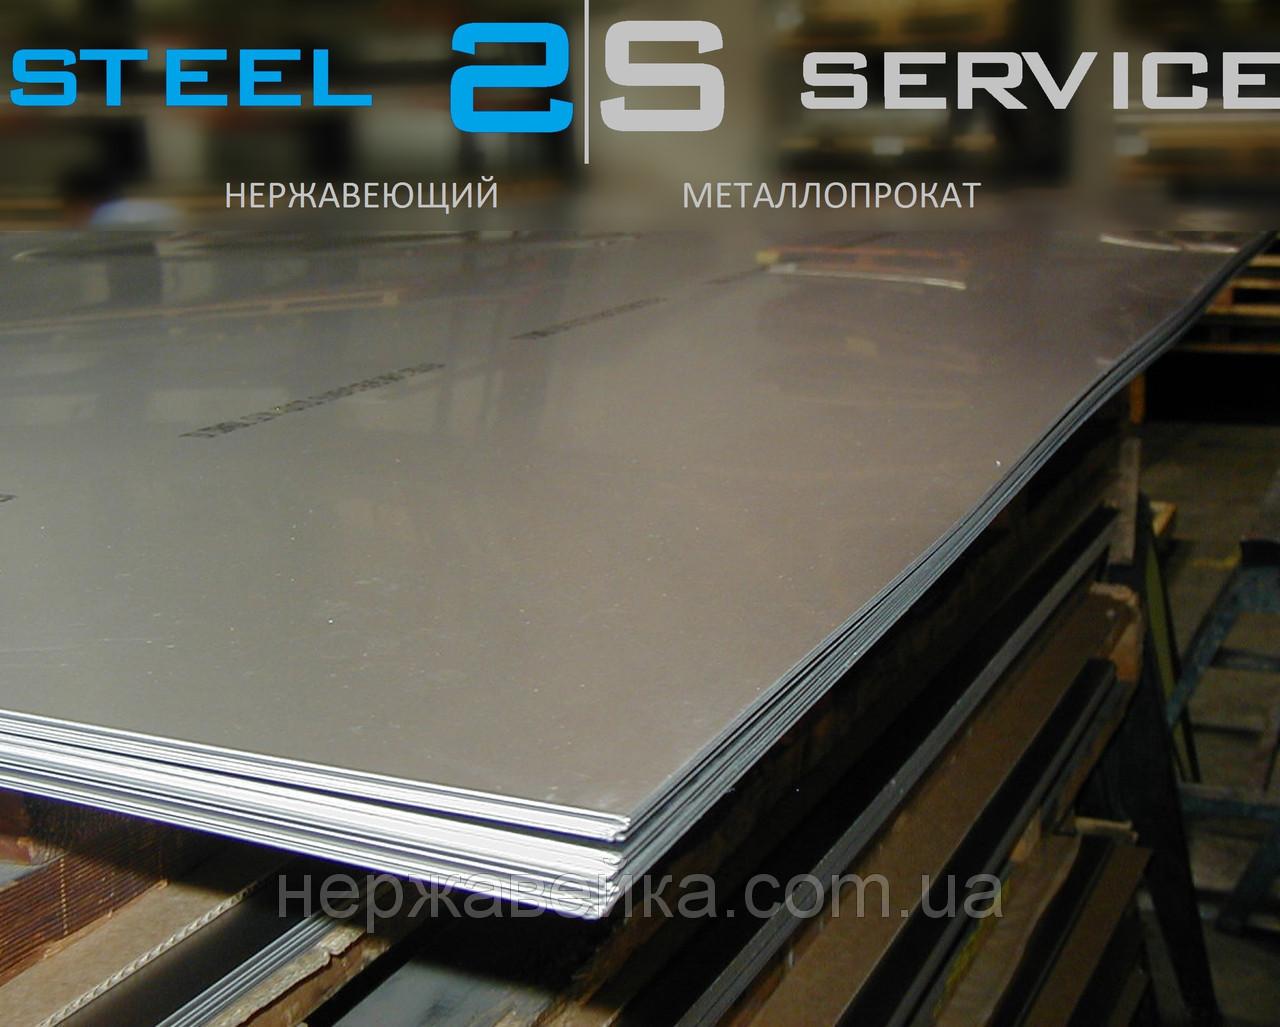 Нержавейка лист 1,5х1250х2500мм  AISI 321(08Х18Н10Т) BA - зеркало,  пищевой